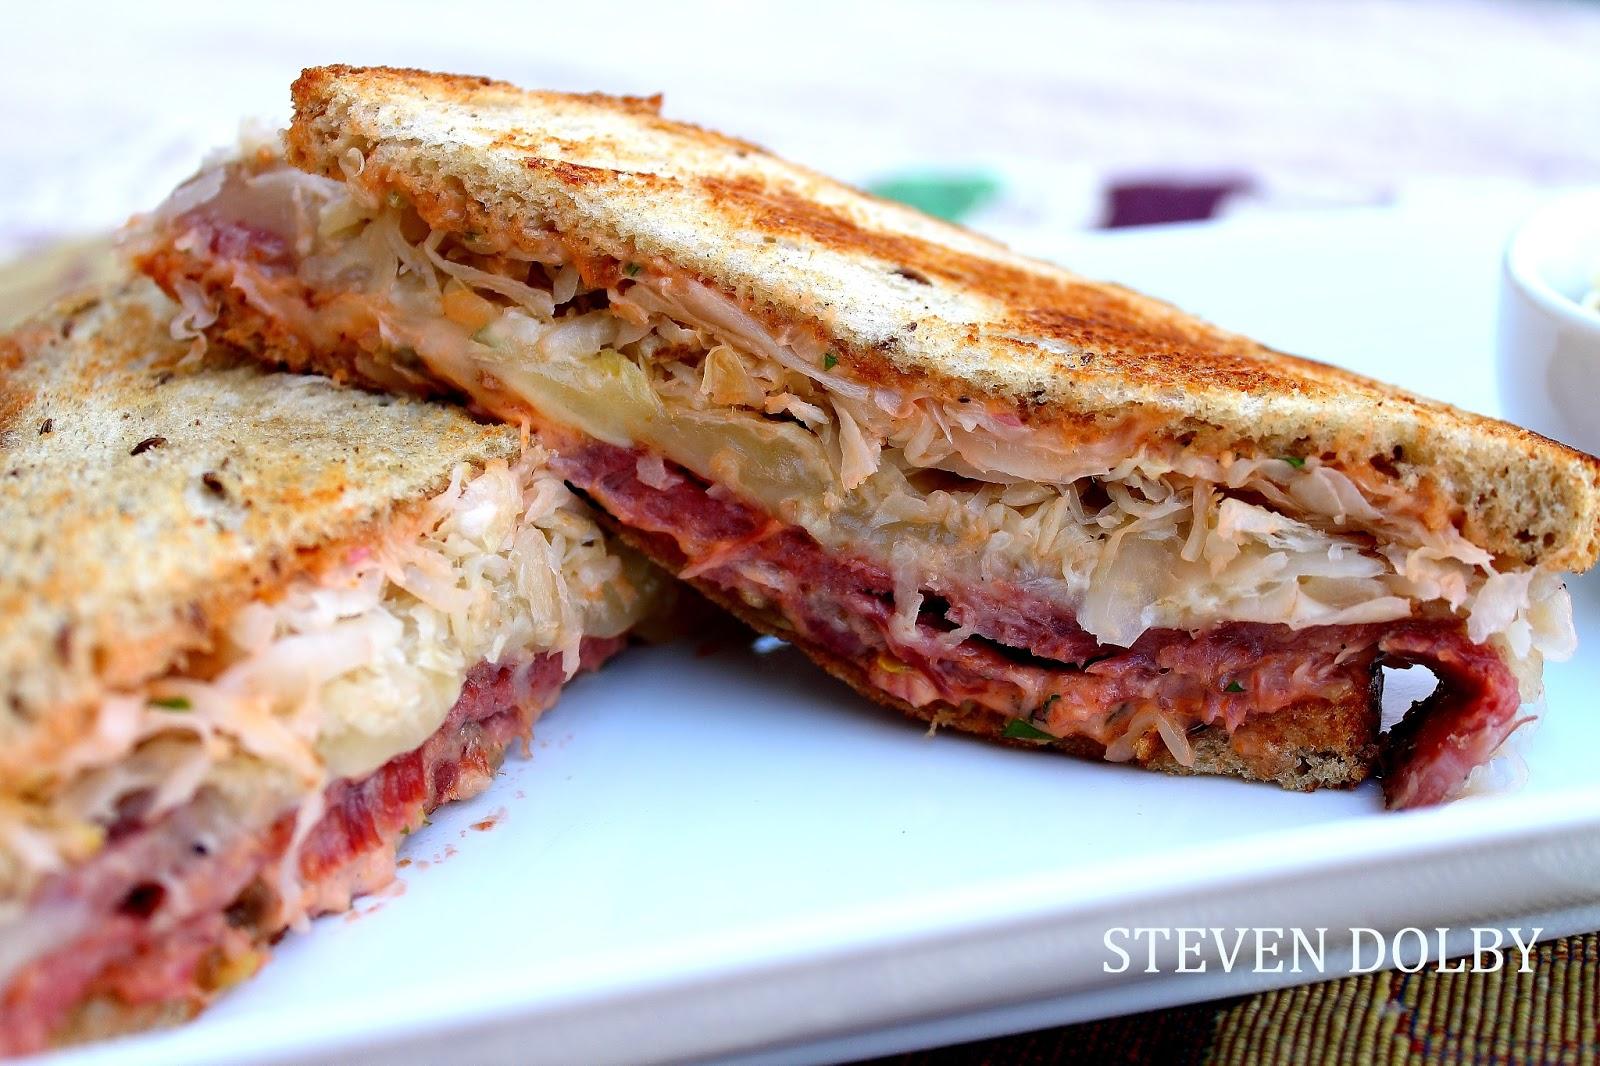 Reuben Sandwich by Steven Dolby